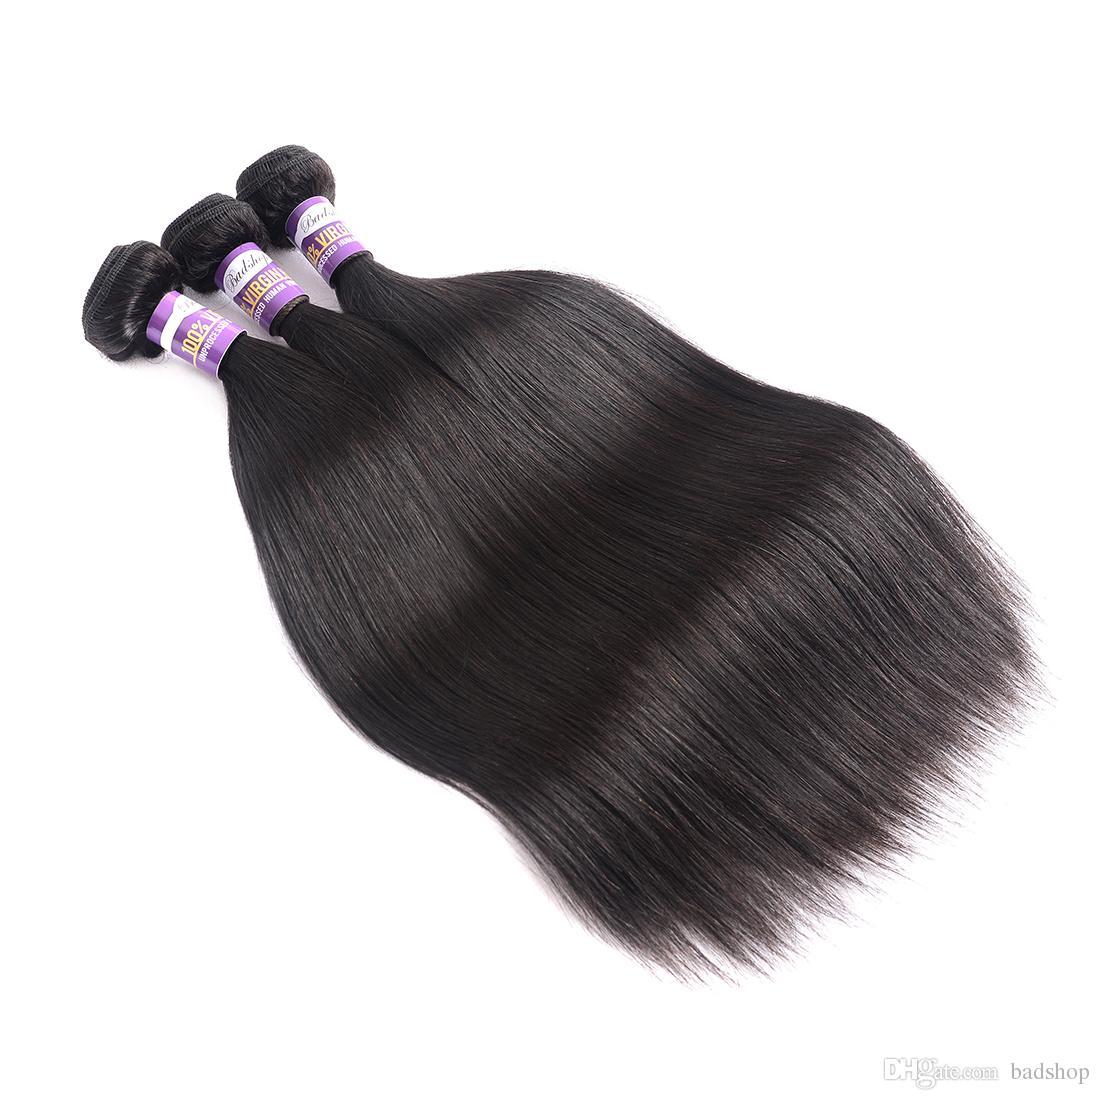 Mongolia sedoso pelo de la Virgen 3 o 4 paquetes 9a Natural Negro recto de Mongolia baratos humano de Remy de la armadura del pelo Extensiones 10 28 pulgadas